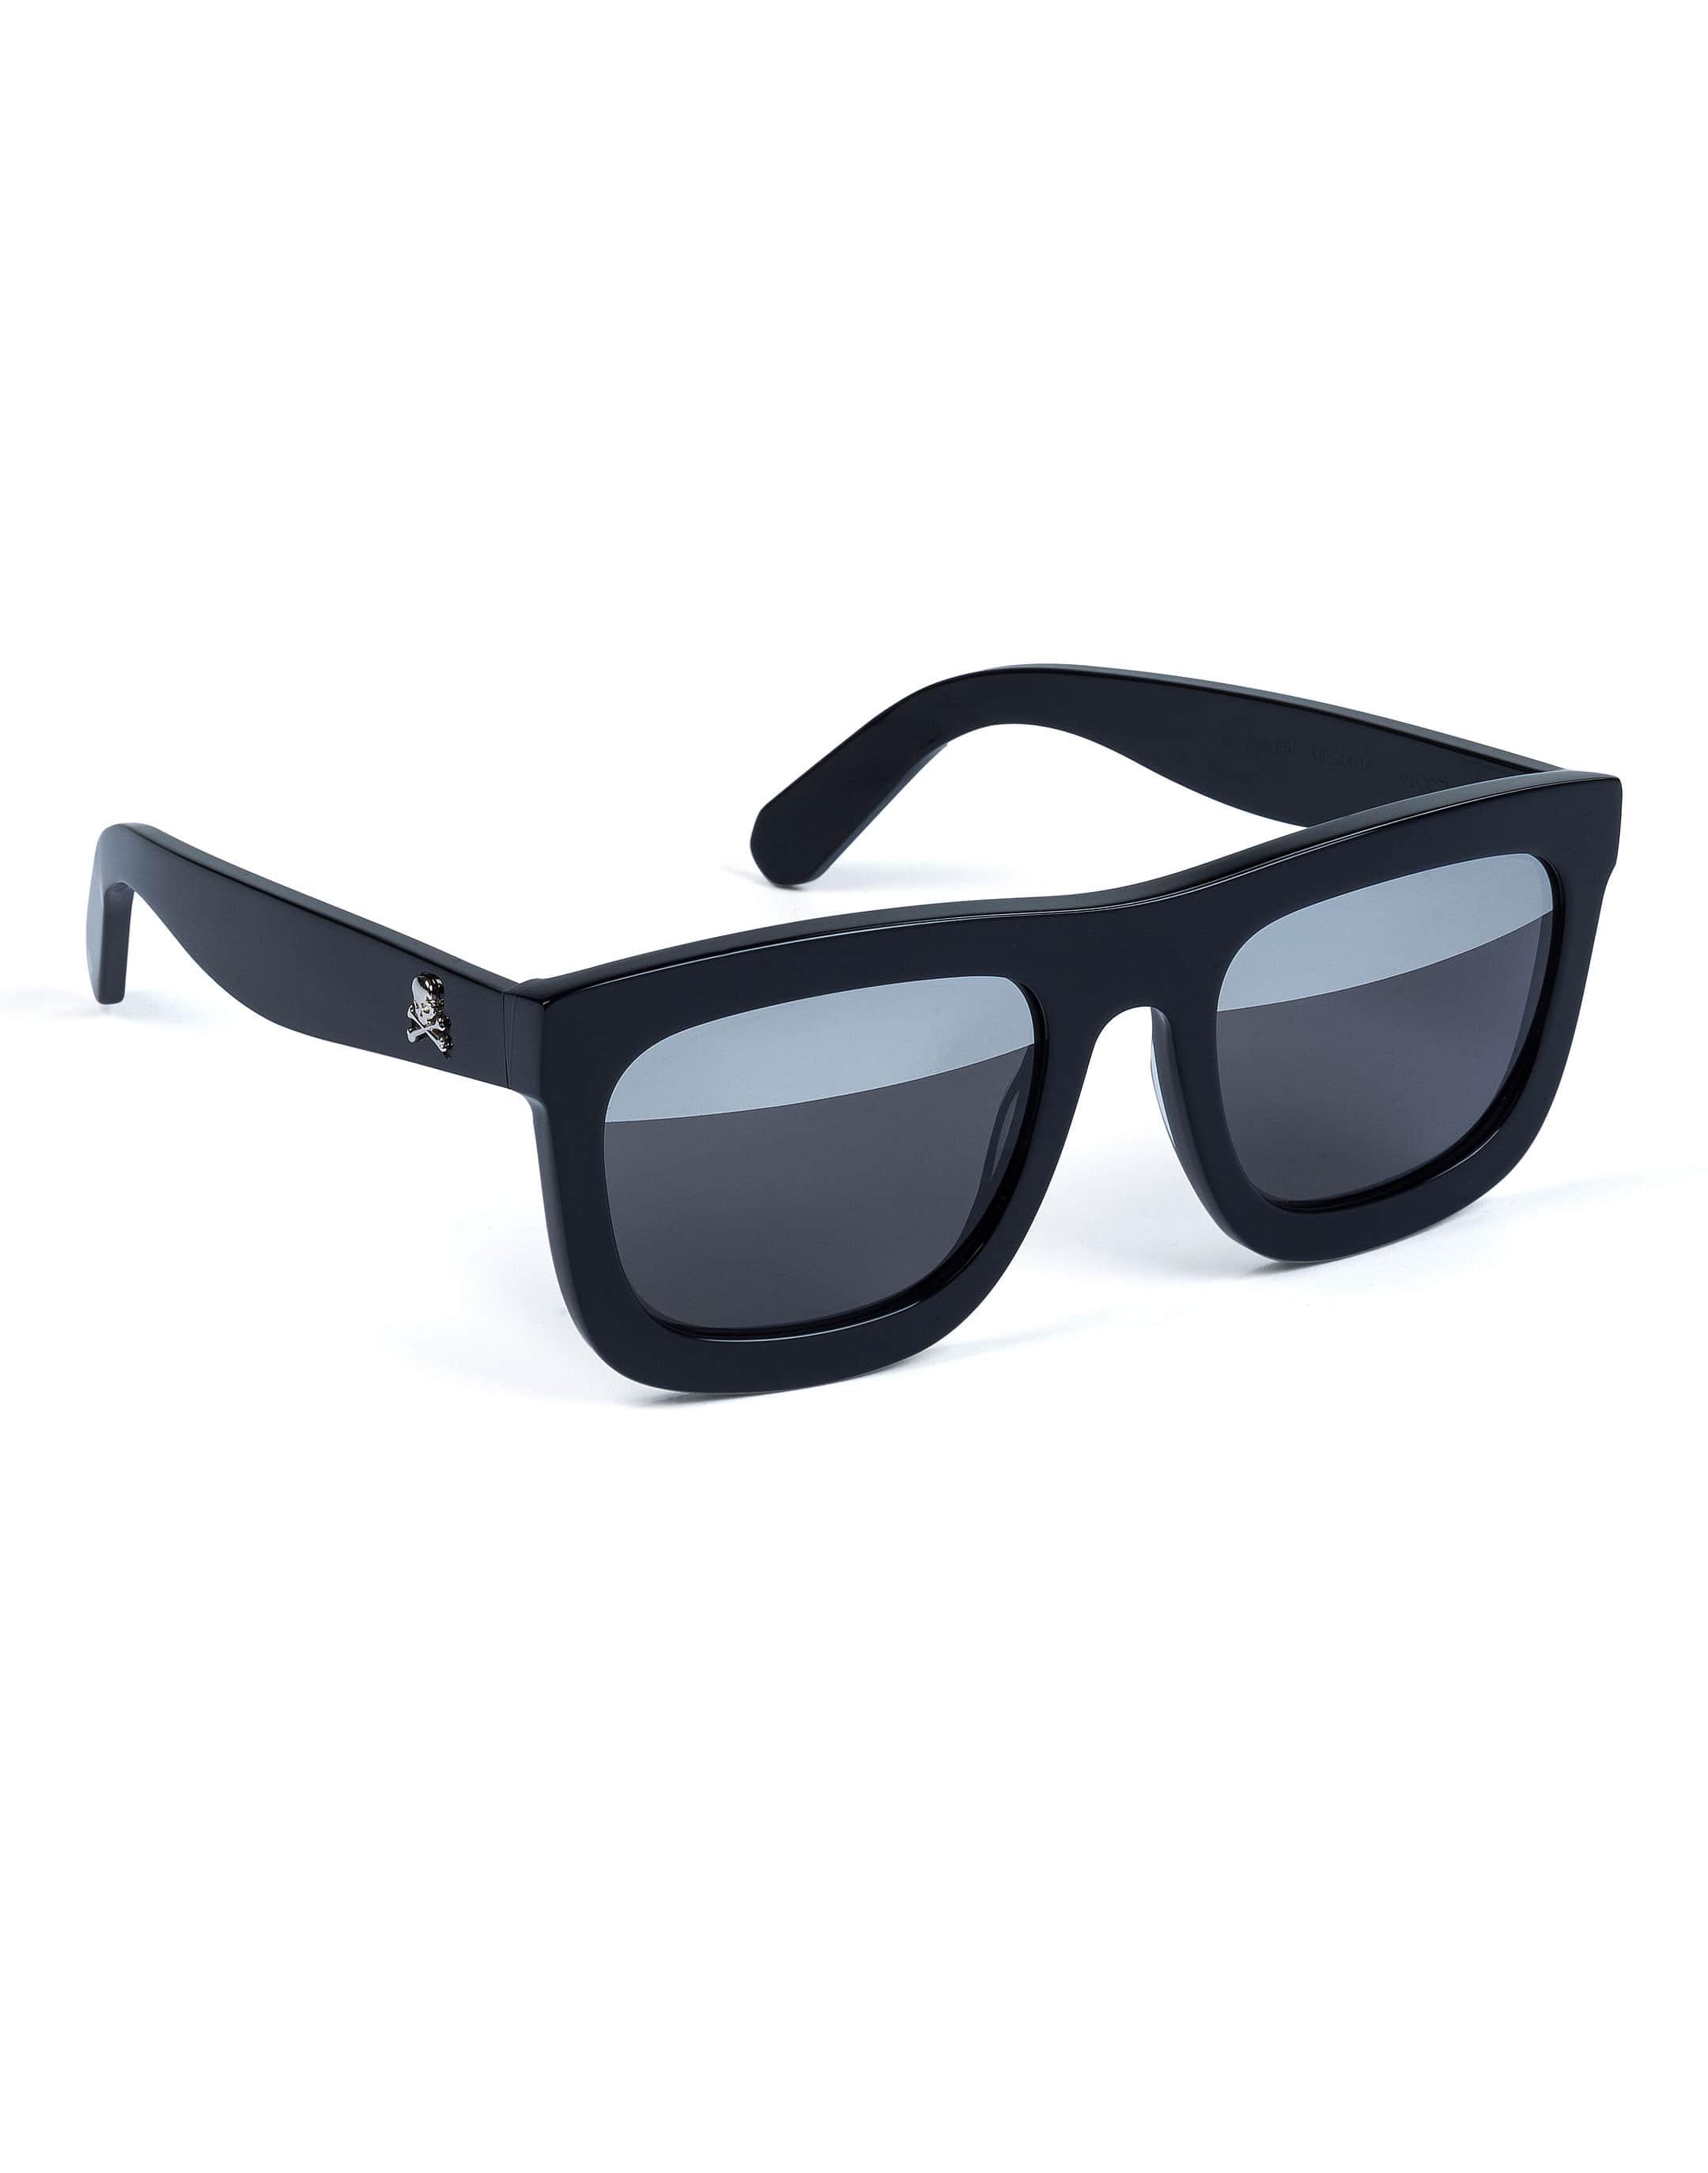 37cbe912b0 Sunglasses